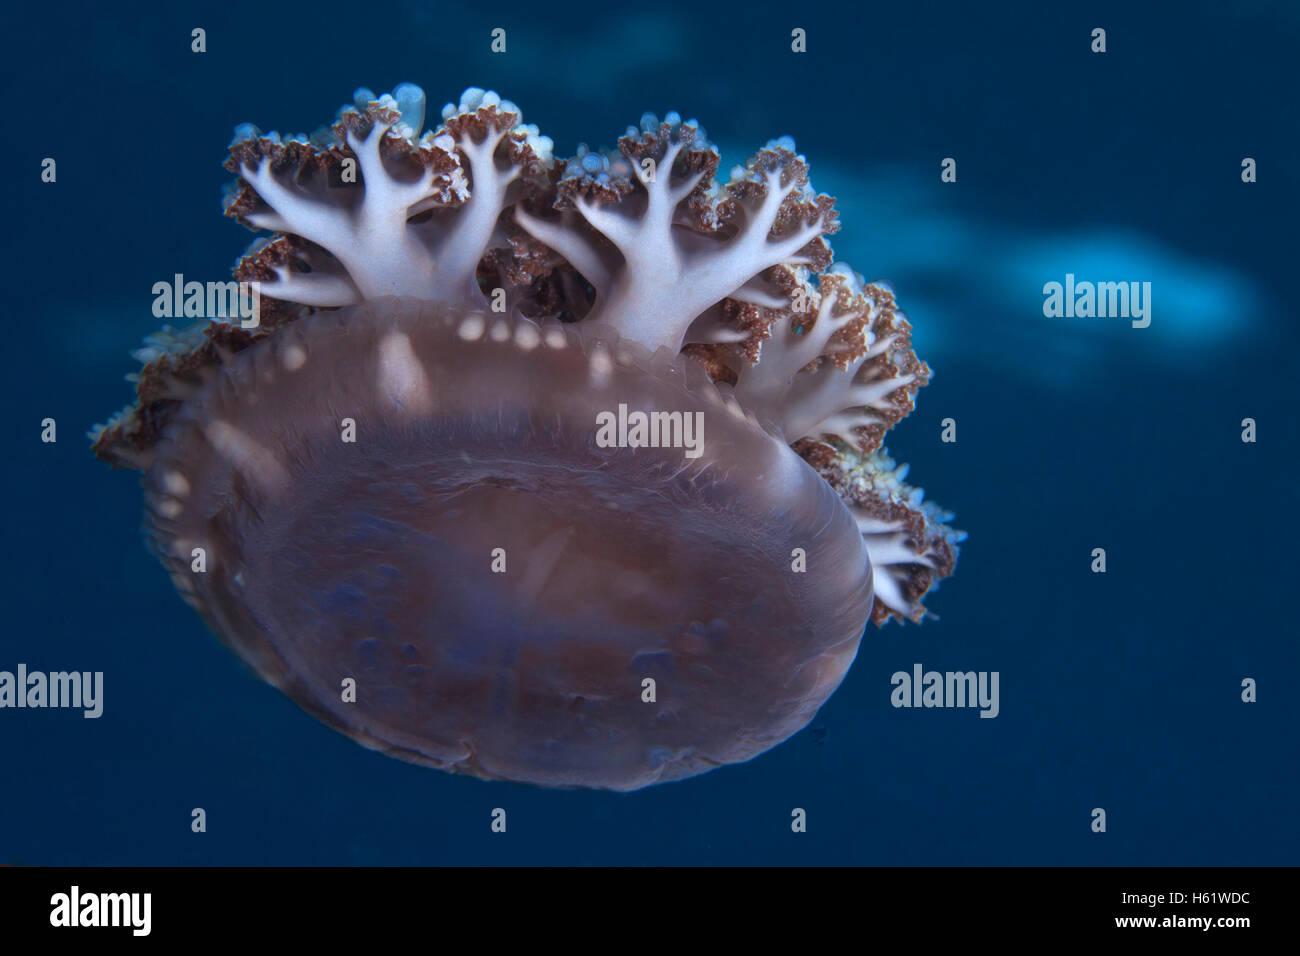 L'envers les méduses n'a pas de tentacules dérive avec les courants océaniques. Photo Stock